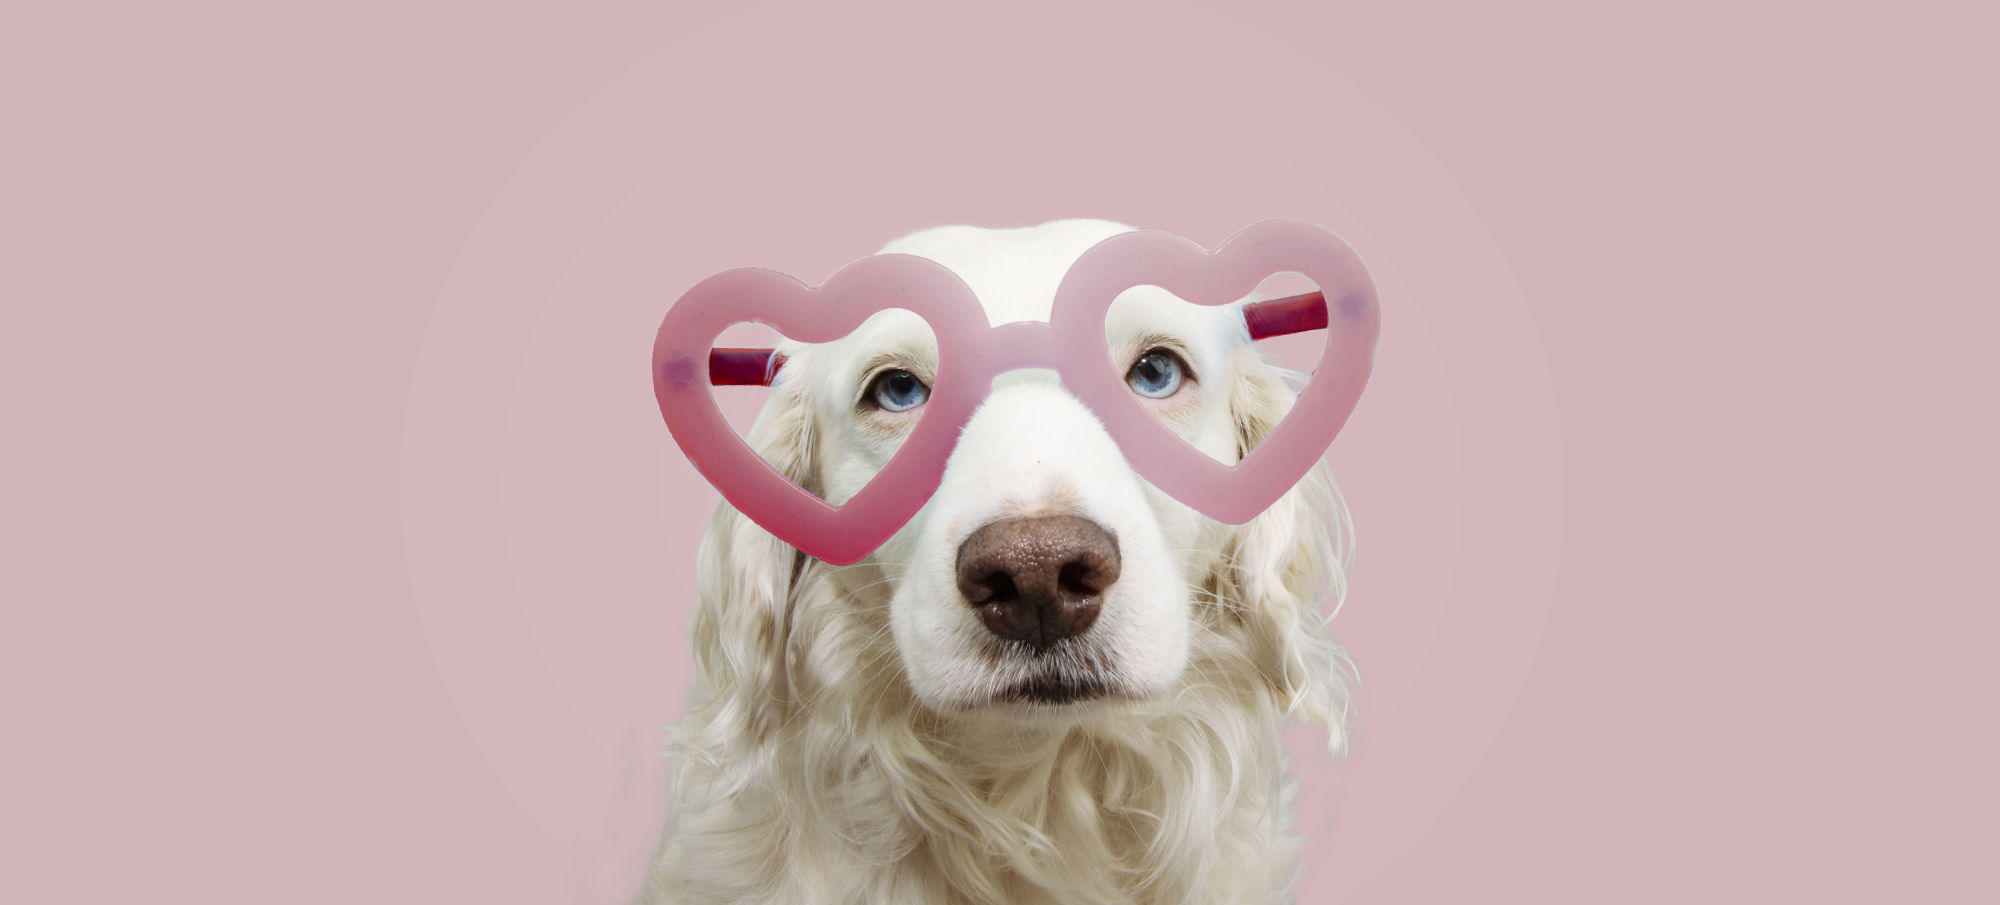 perrito con lentes en forma de corazon